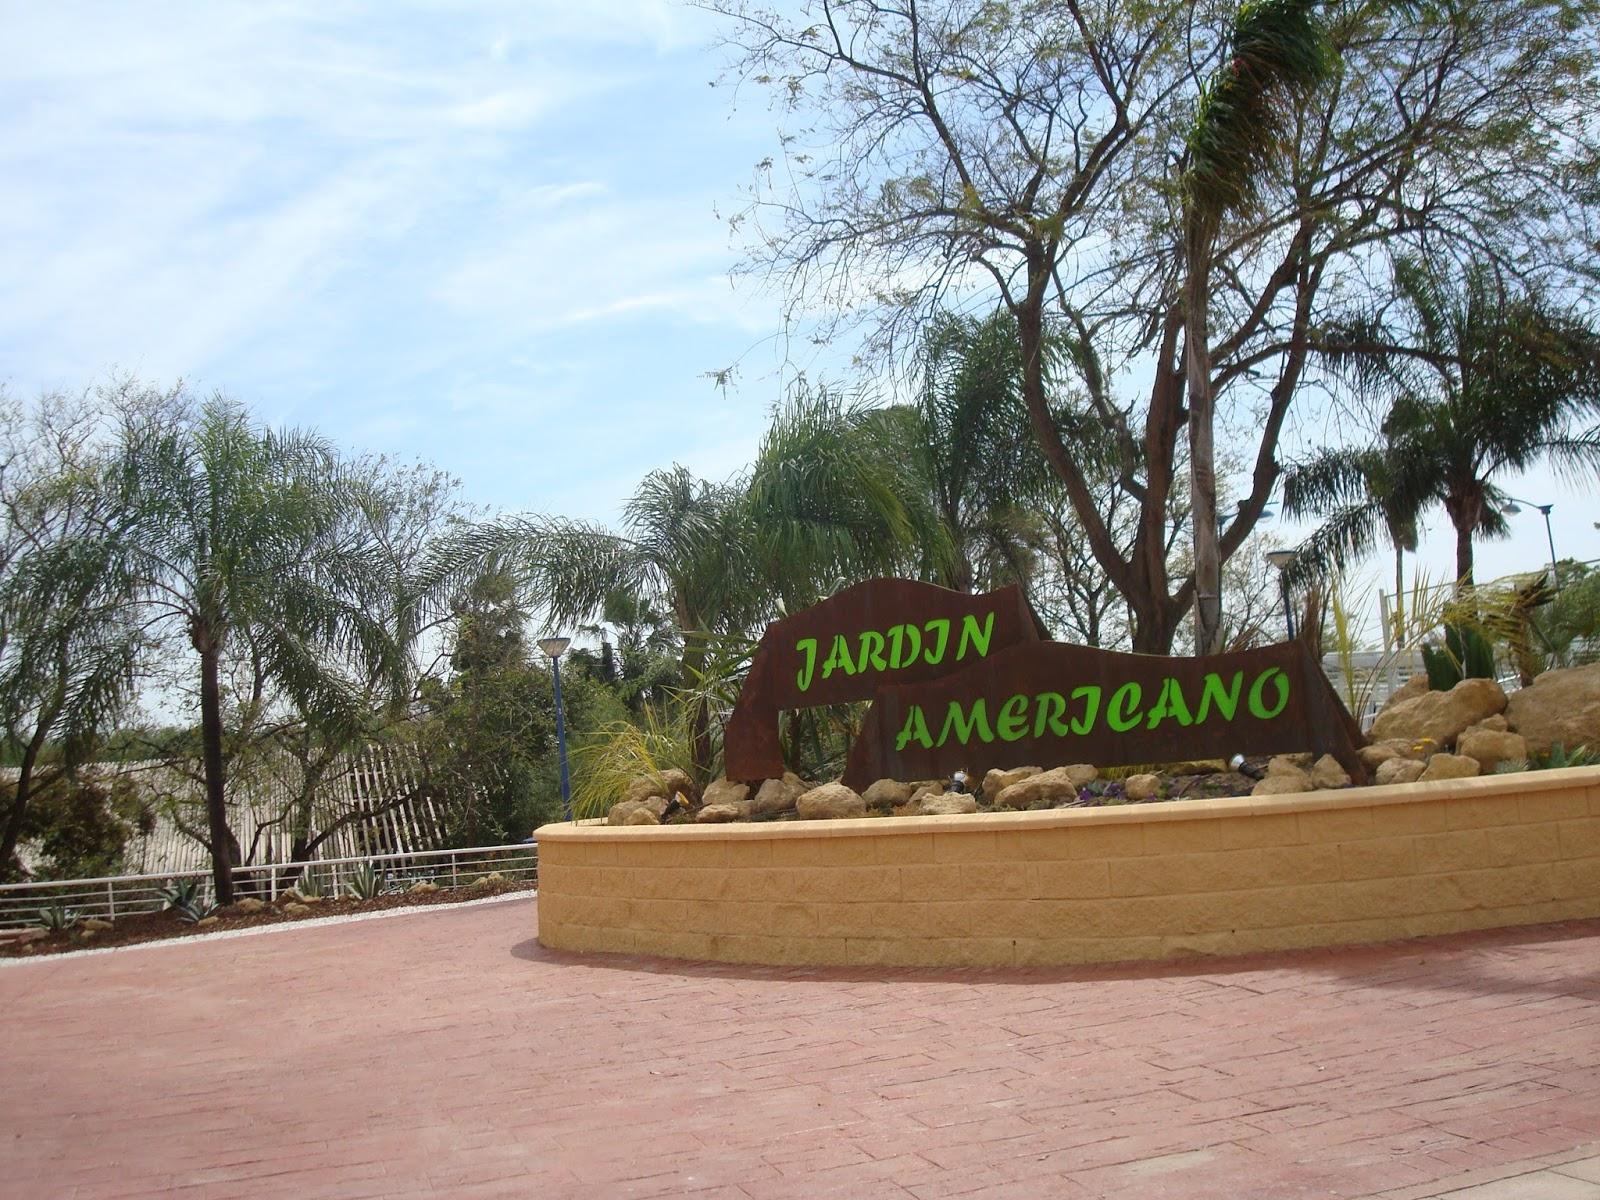 Plataforma ciudadana parques y jardines sevilla jard n for Jardin americano sevilla